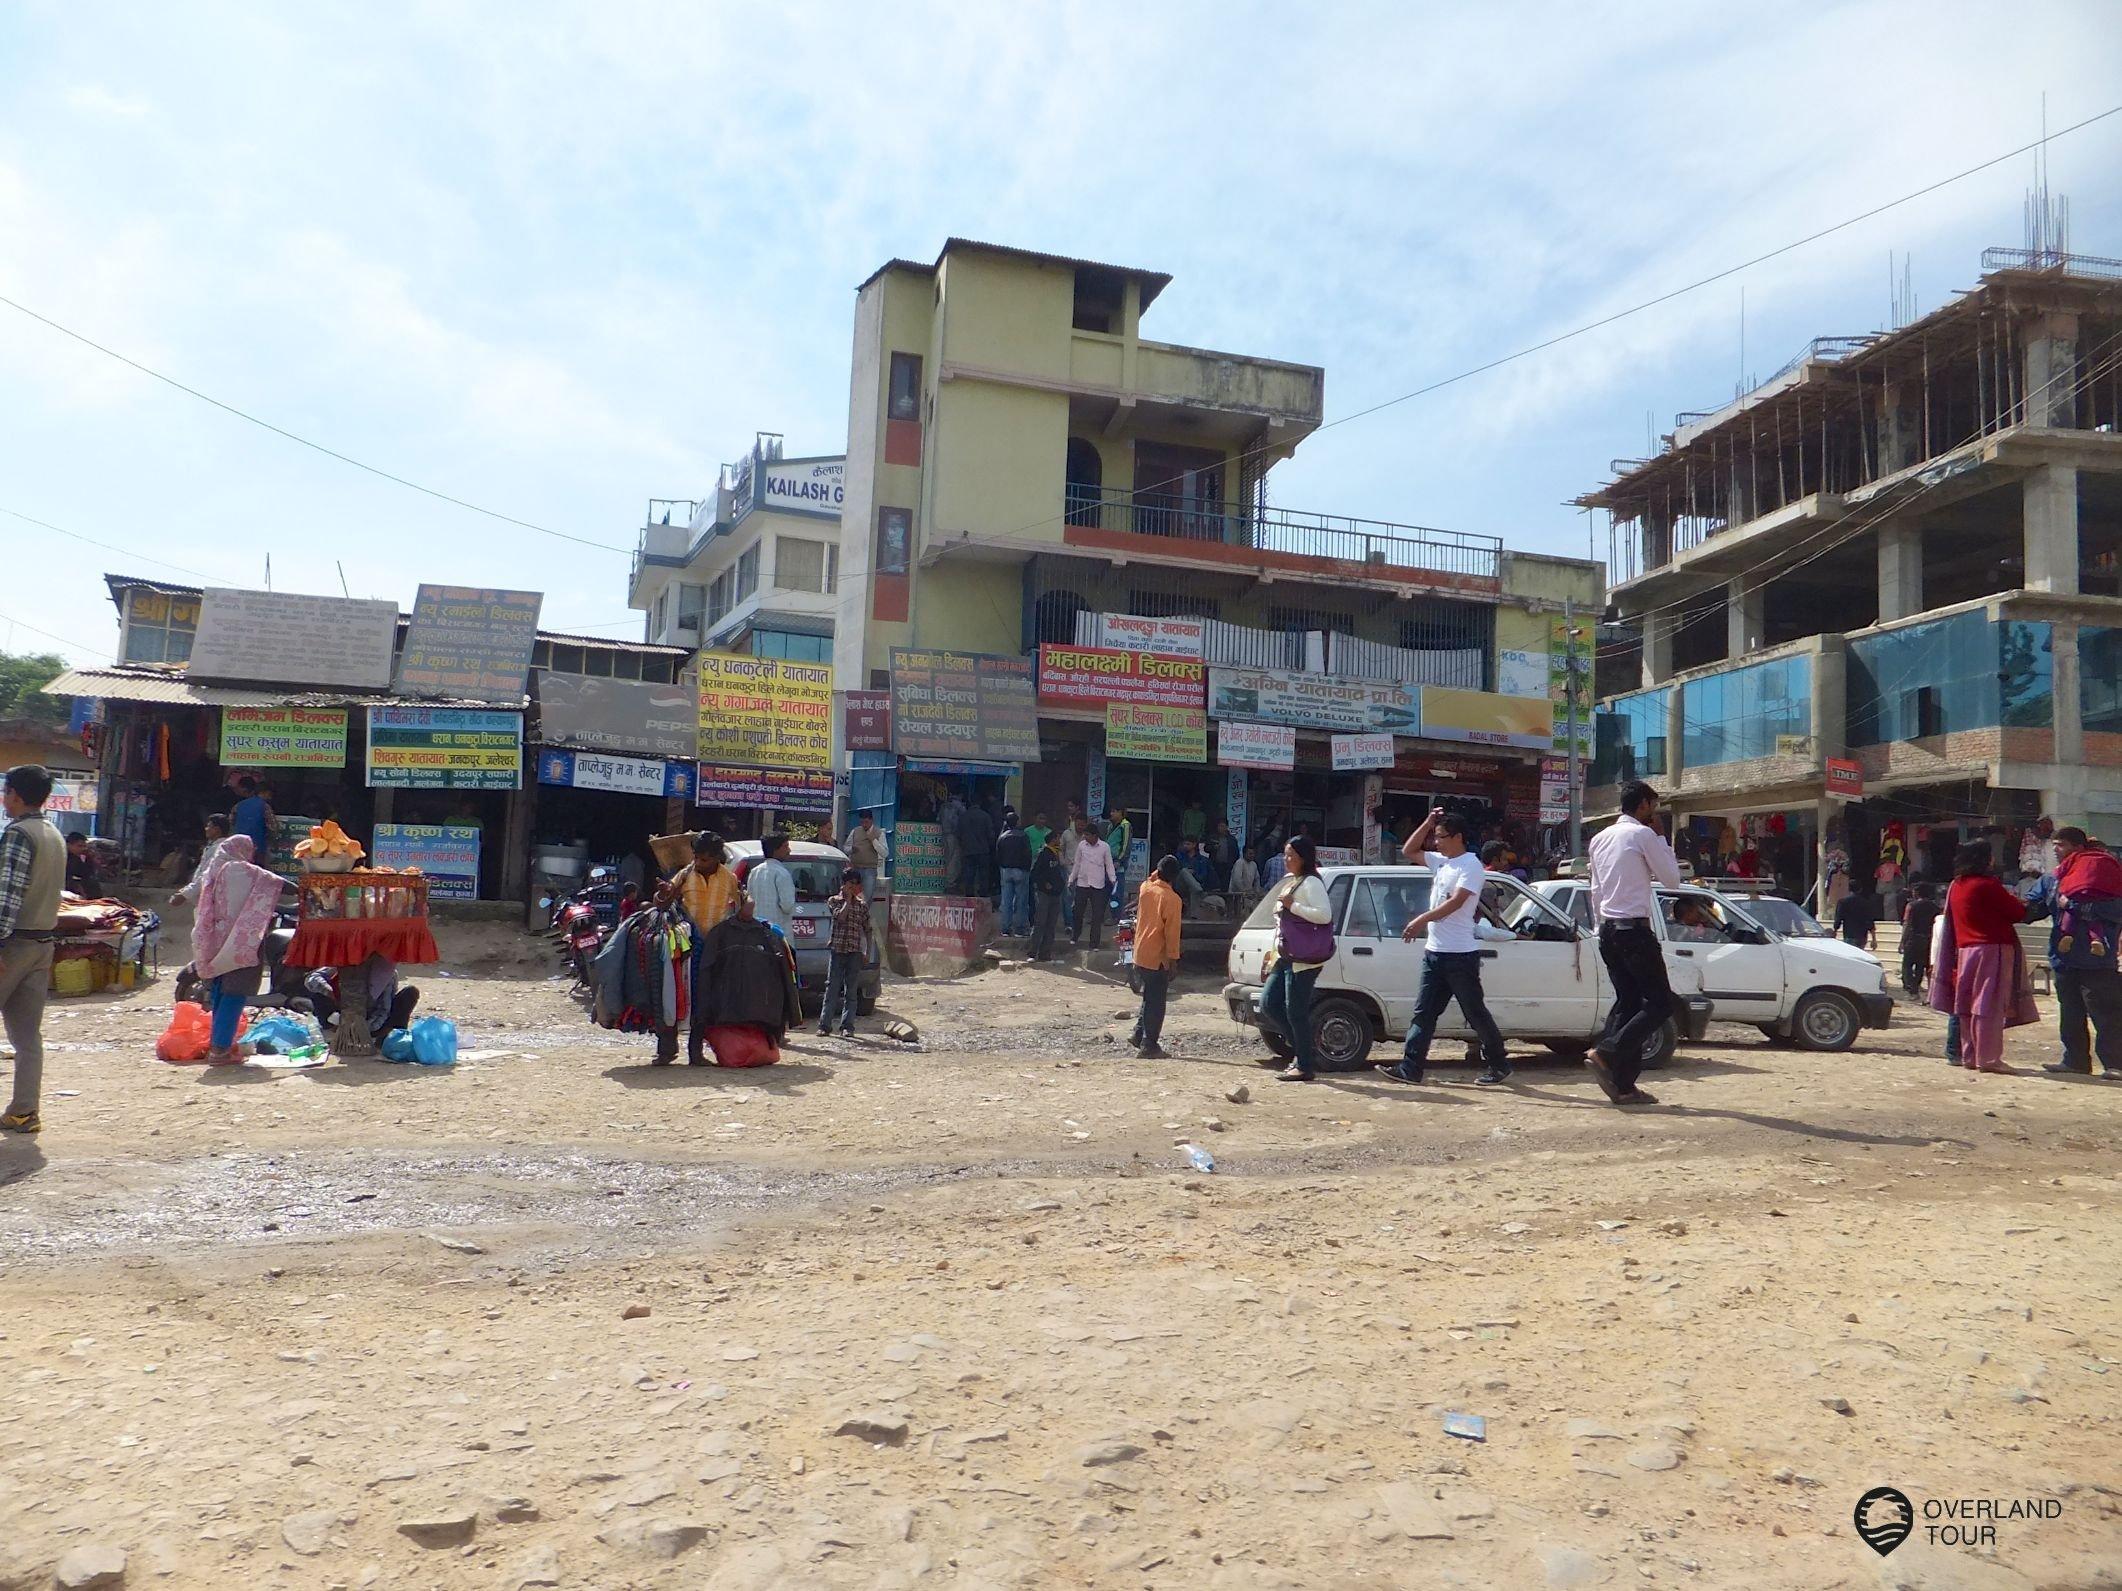 Ankunft in Kathmandu und der dritten Welt